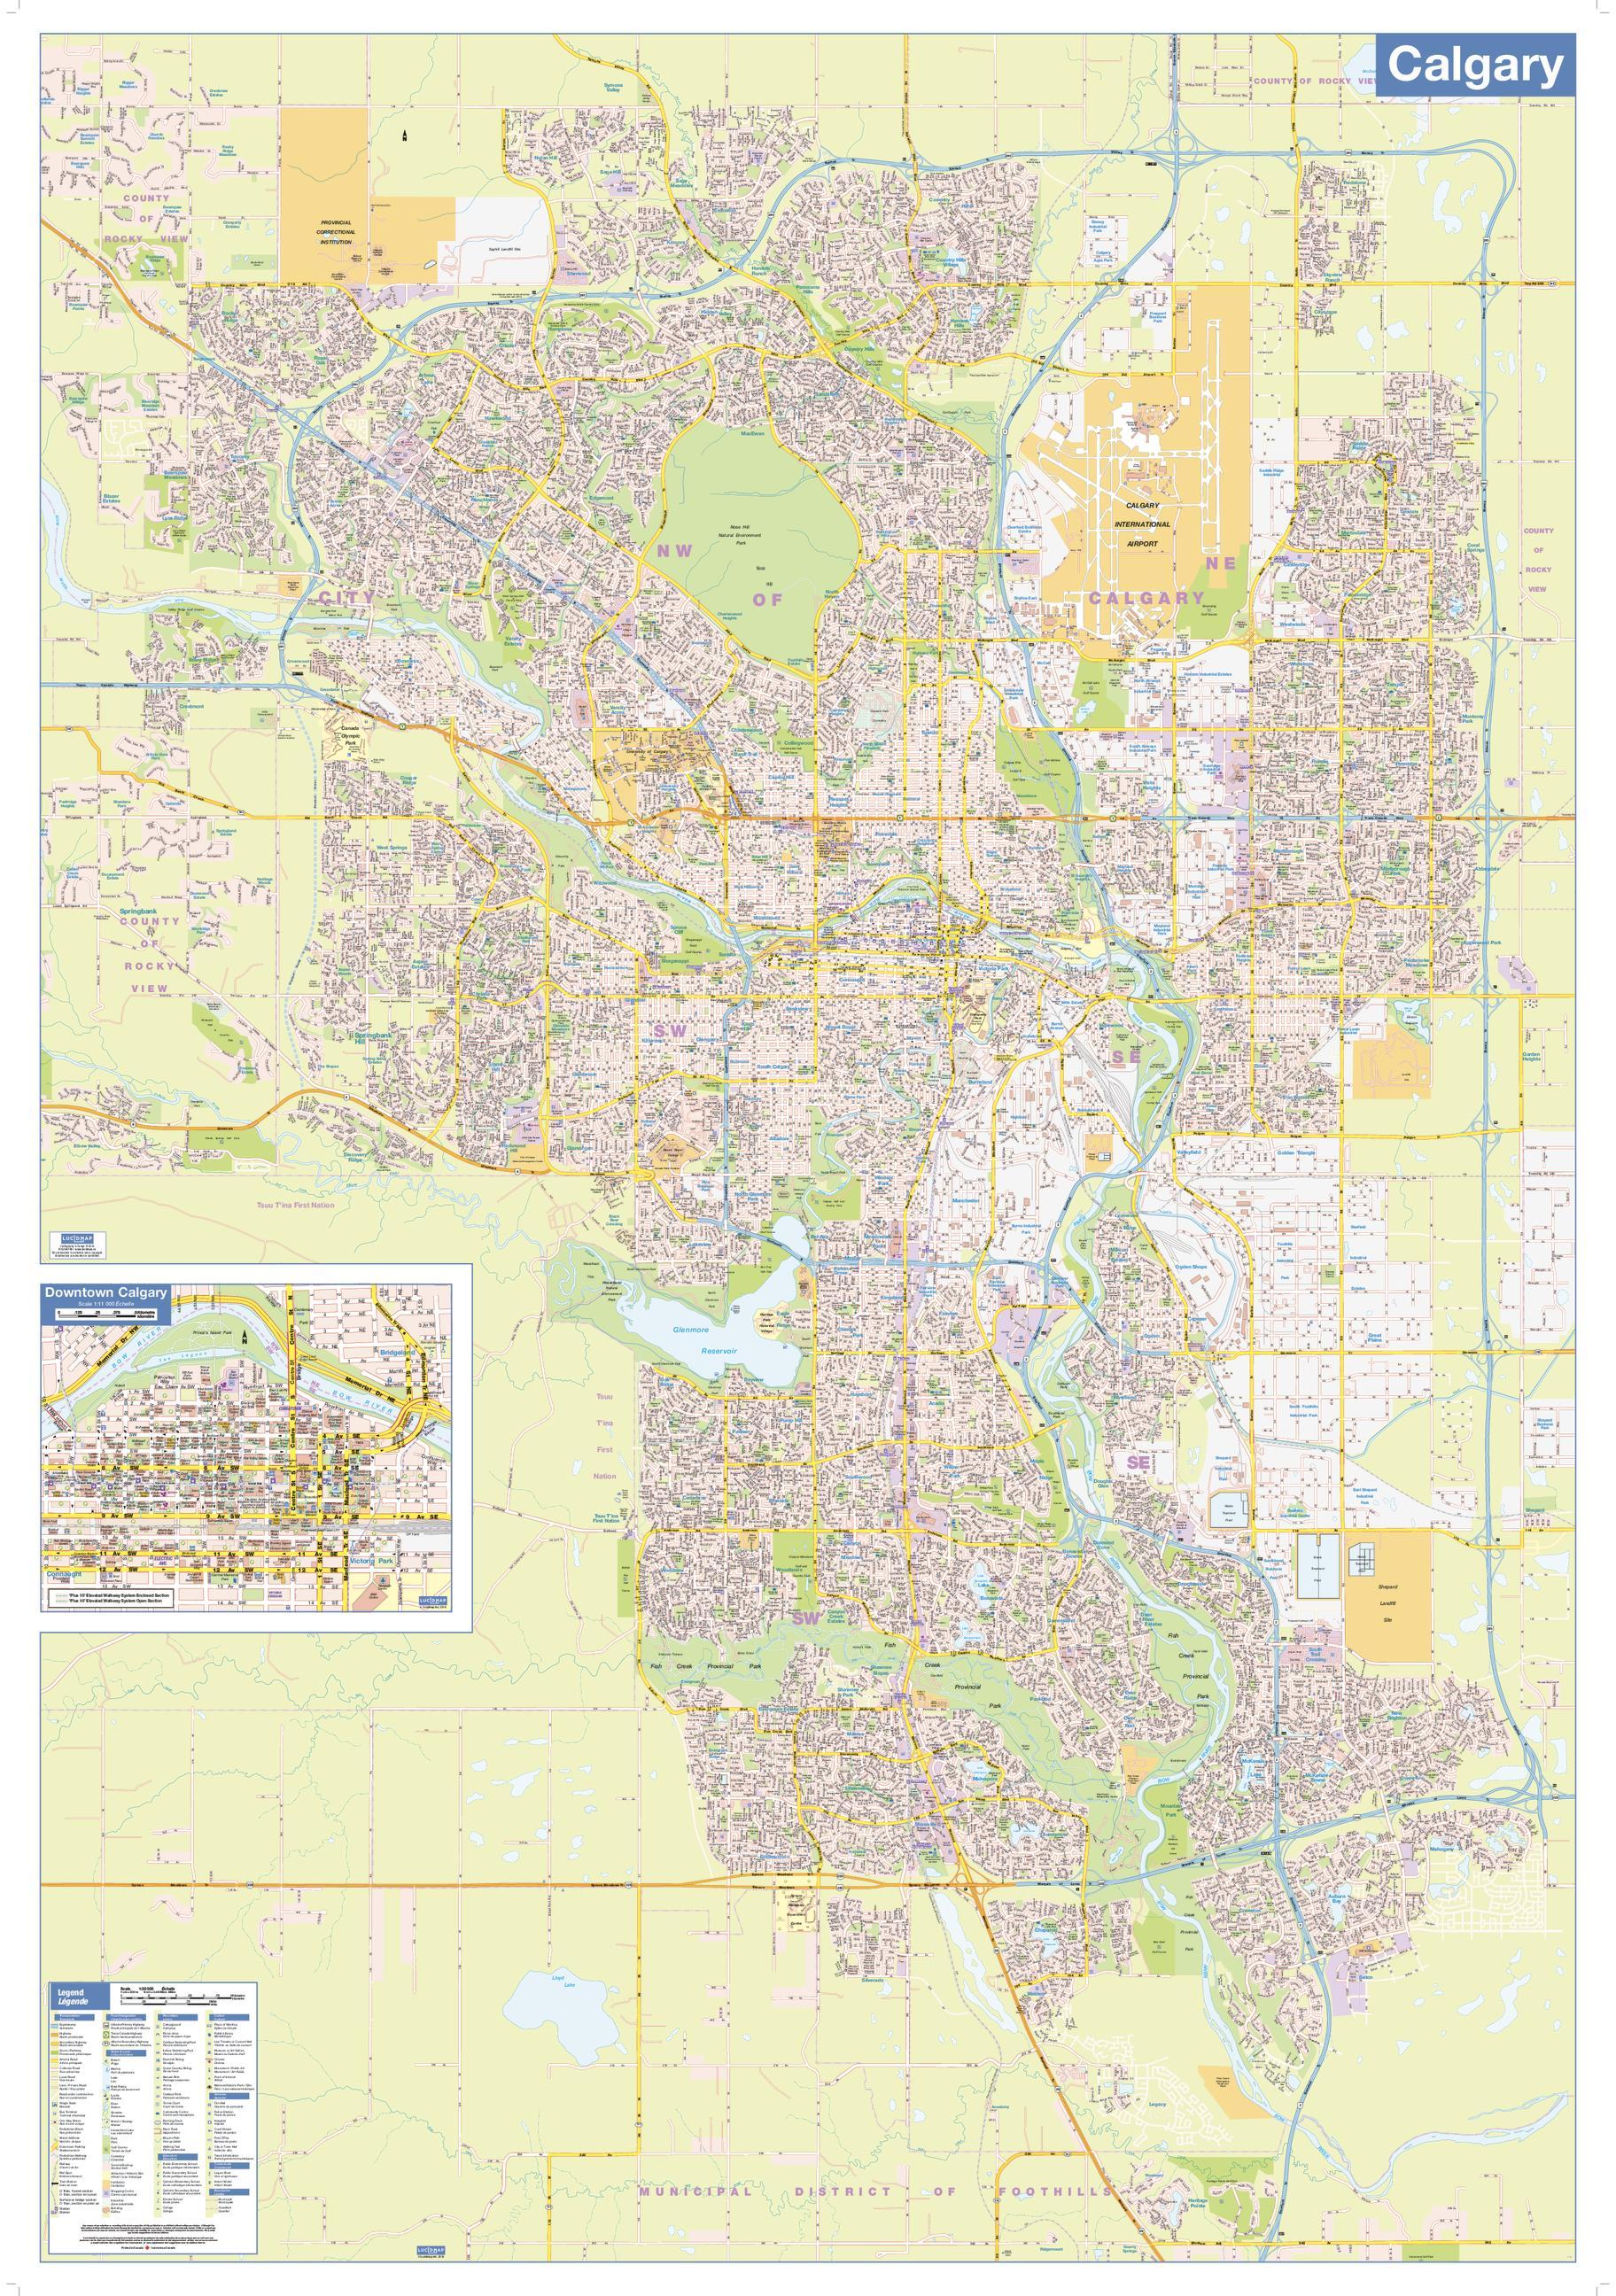 Calgary map LARGE Shop Online at WorldOfMapscom